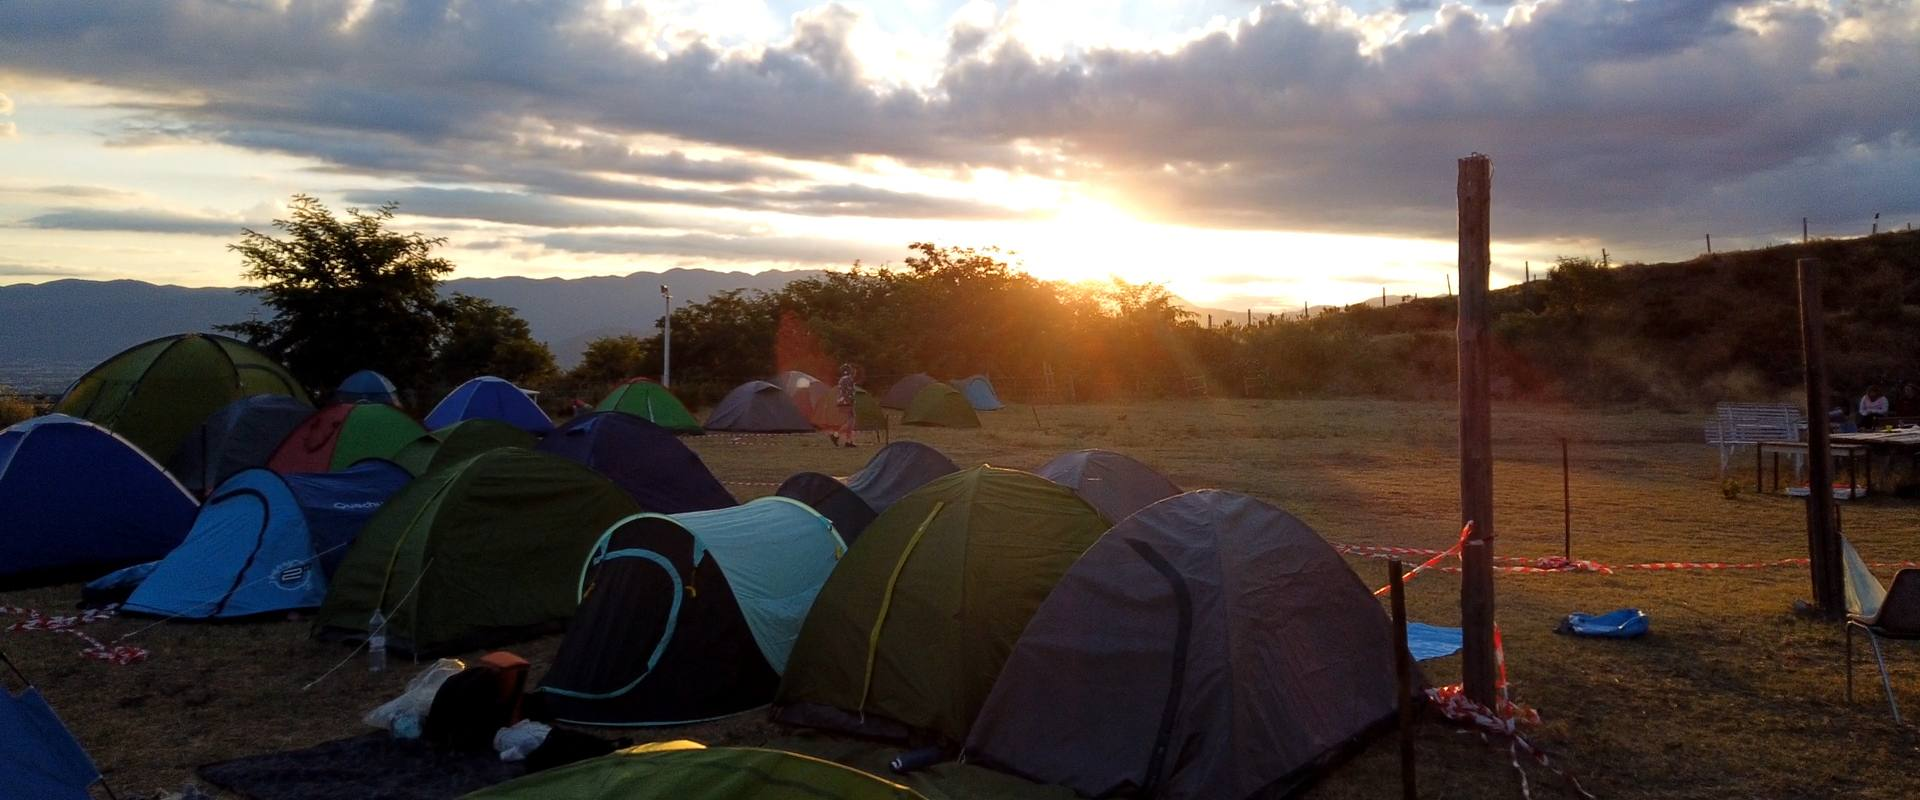 Alba mentre tutti dormono nelle tende nell'area di accampamento nel Parco Nazionale del Vesuvio